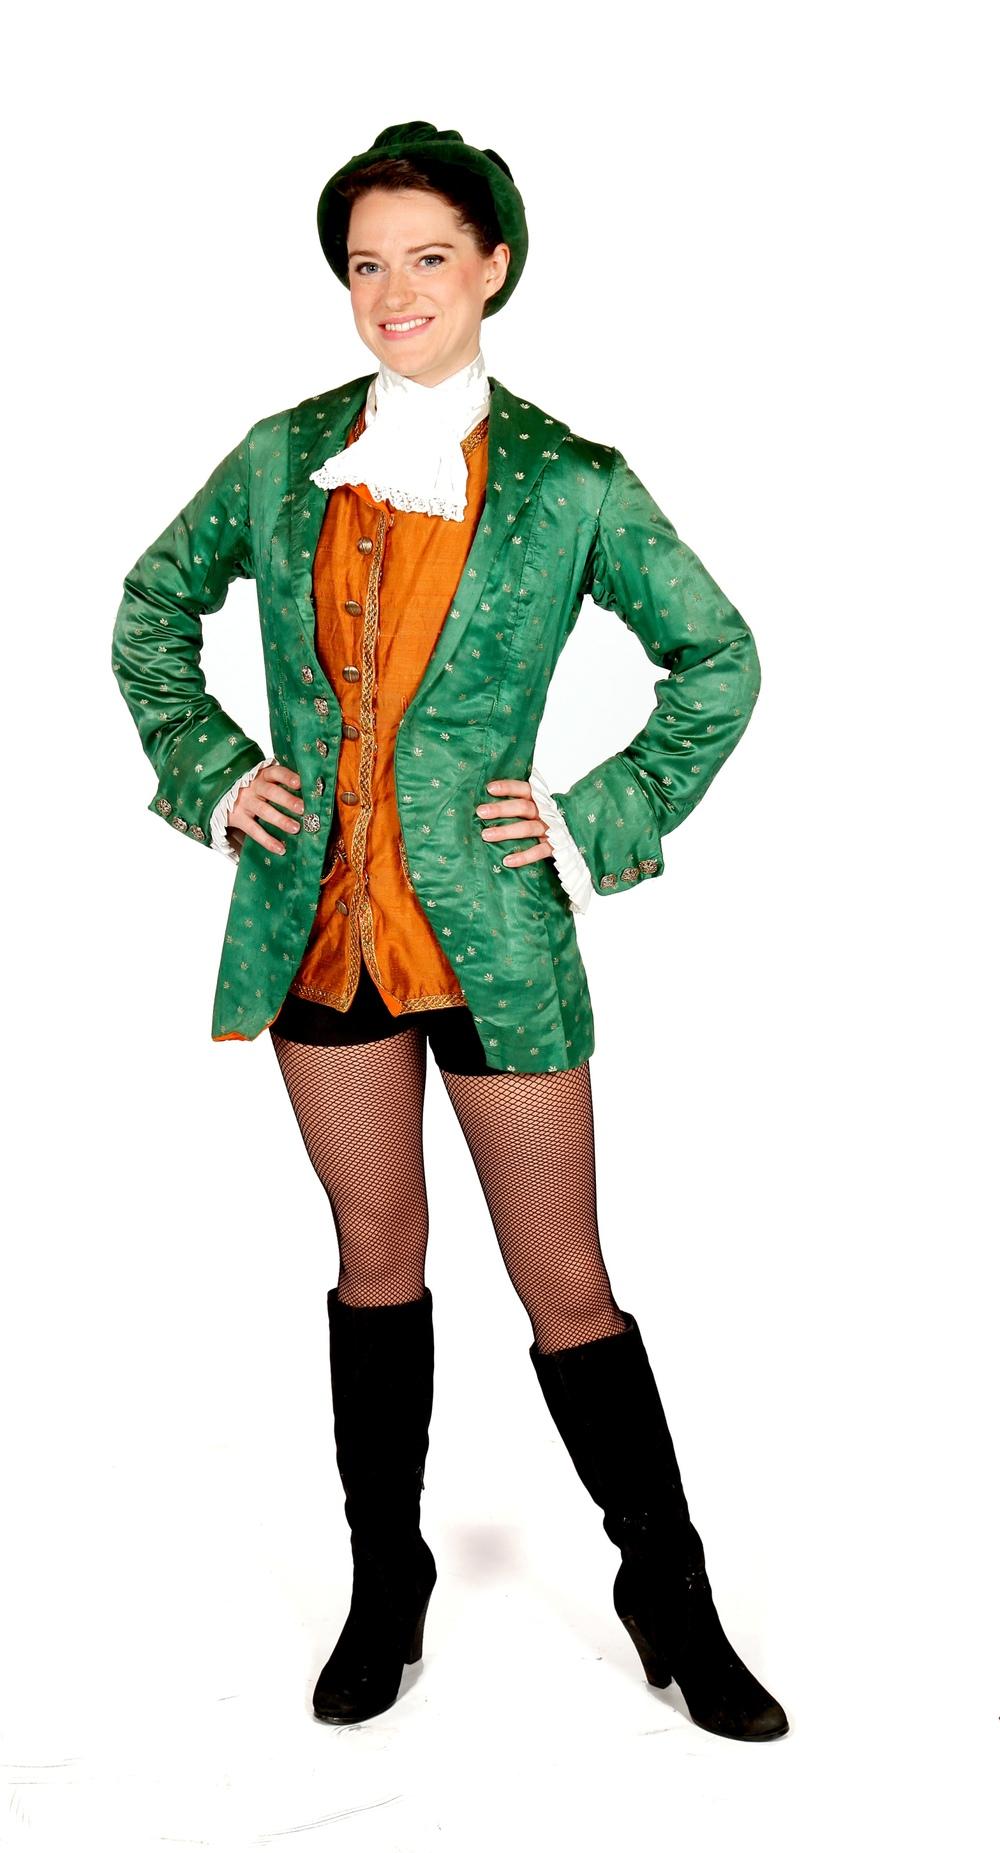 Barnstaple 02 - Jenny Perry as Dandini.JPG